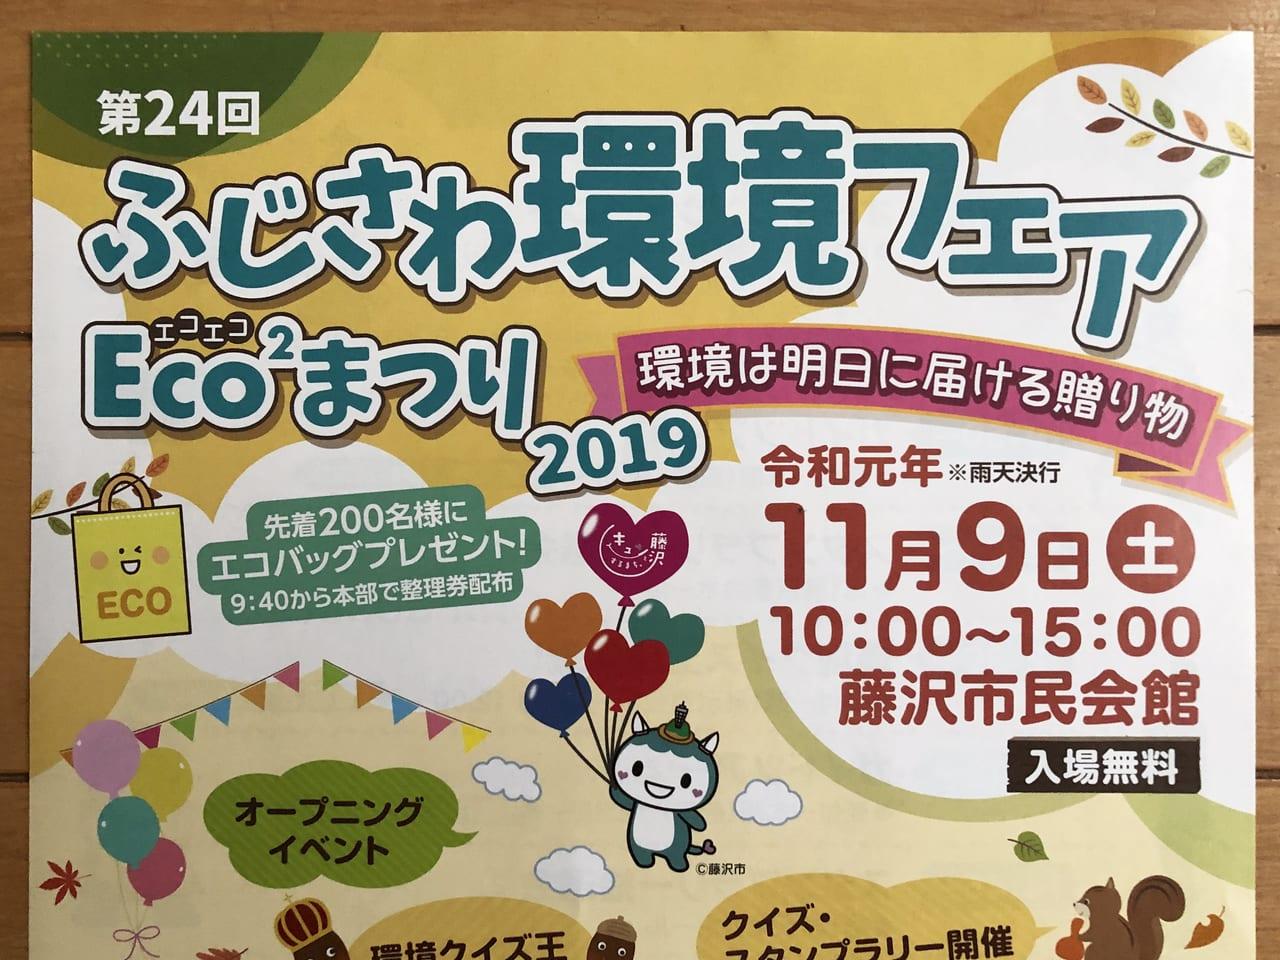 ふじさわ環境フェア2019のチラシ